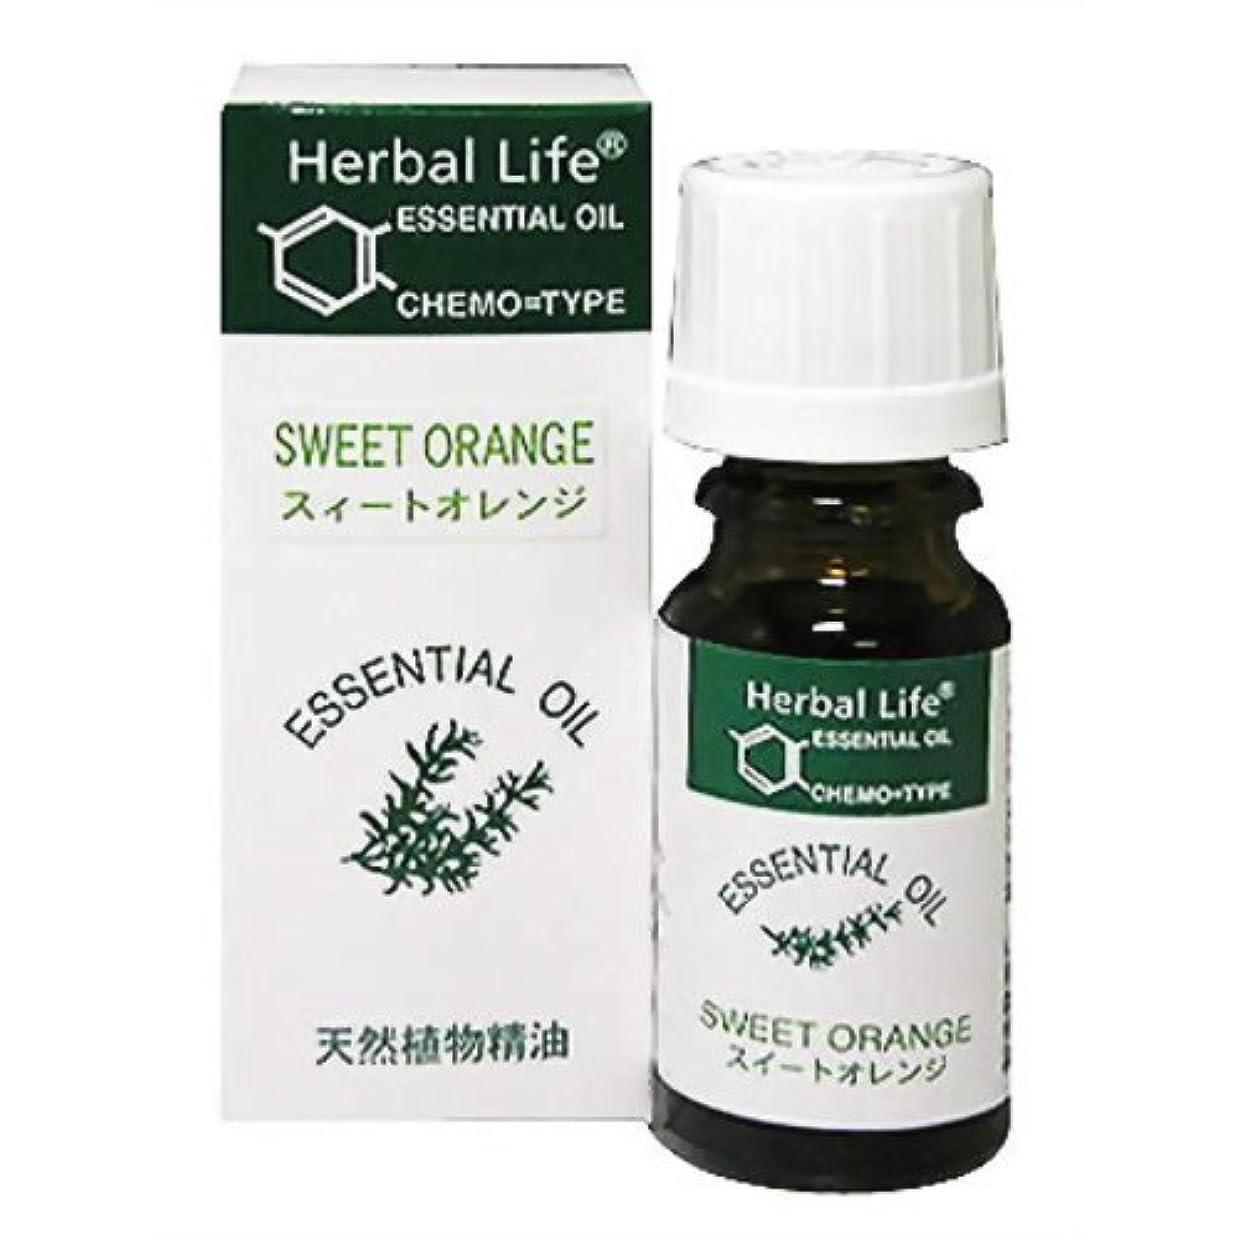 太陽ワイド周り生活の木 Herbal Life スィートオレンジ 10ml